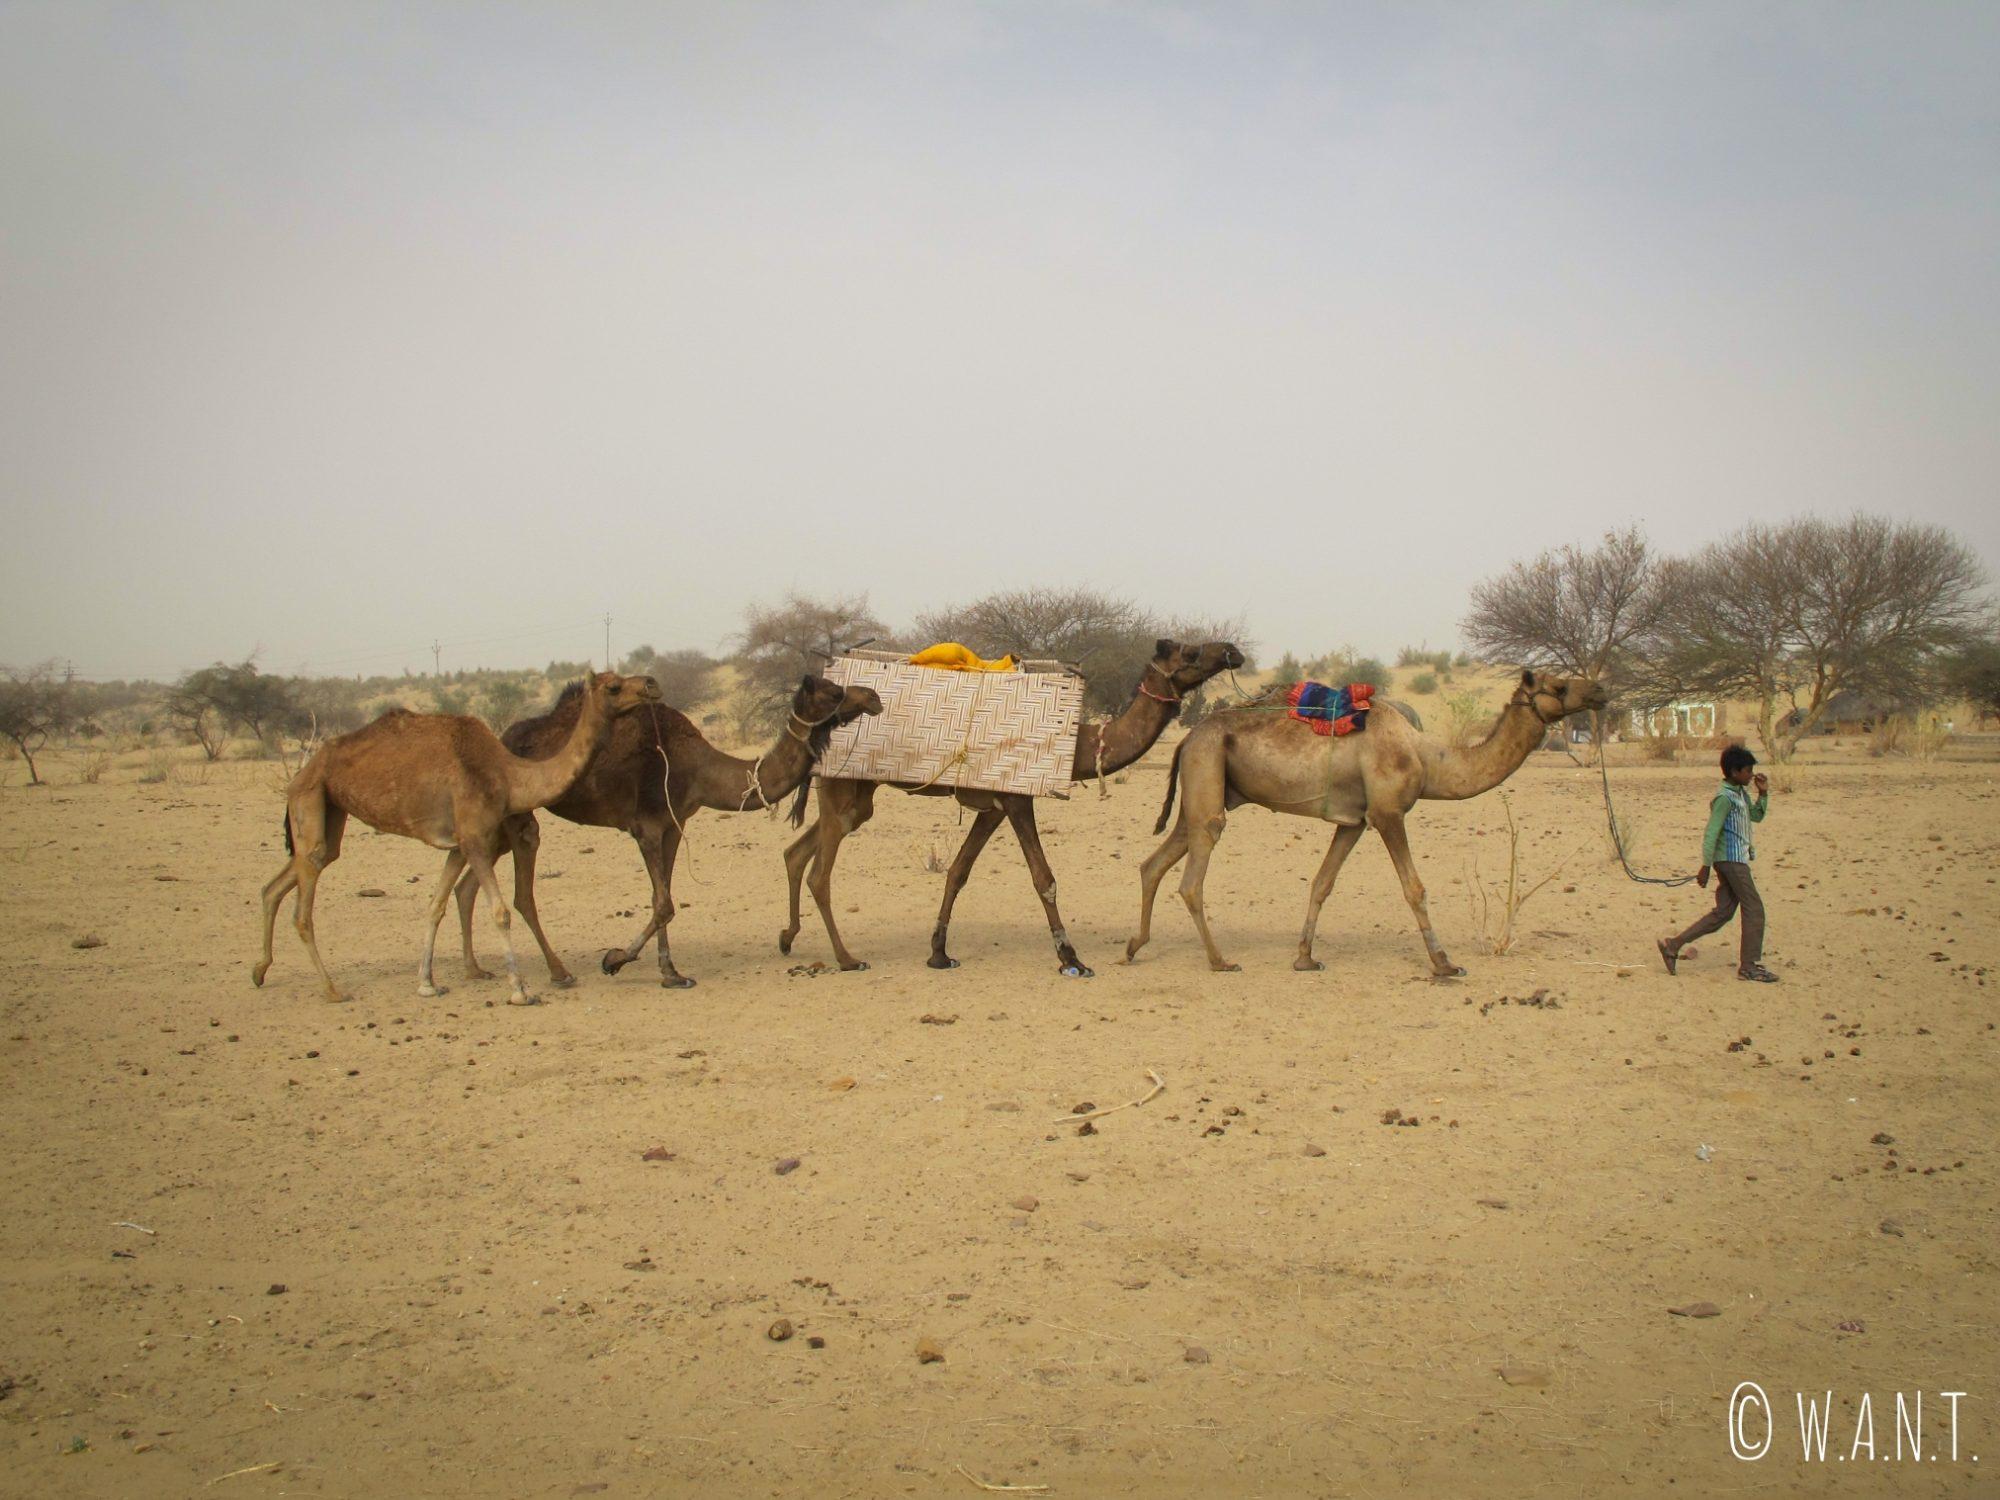 Caravane conduite par le frère d'Harkha, notre chamelier durant notre safari dans le désert du Thar